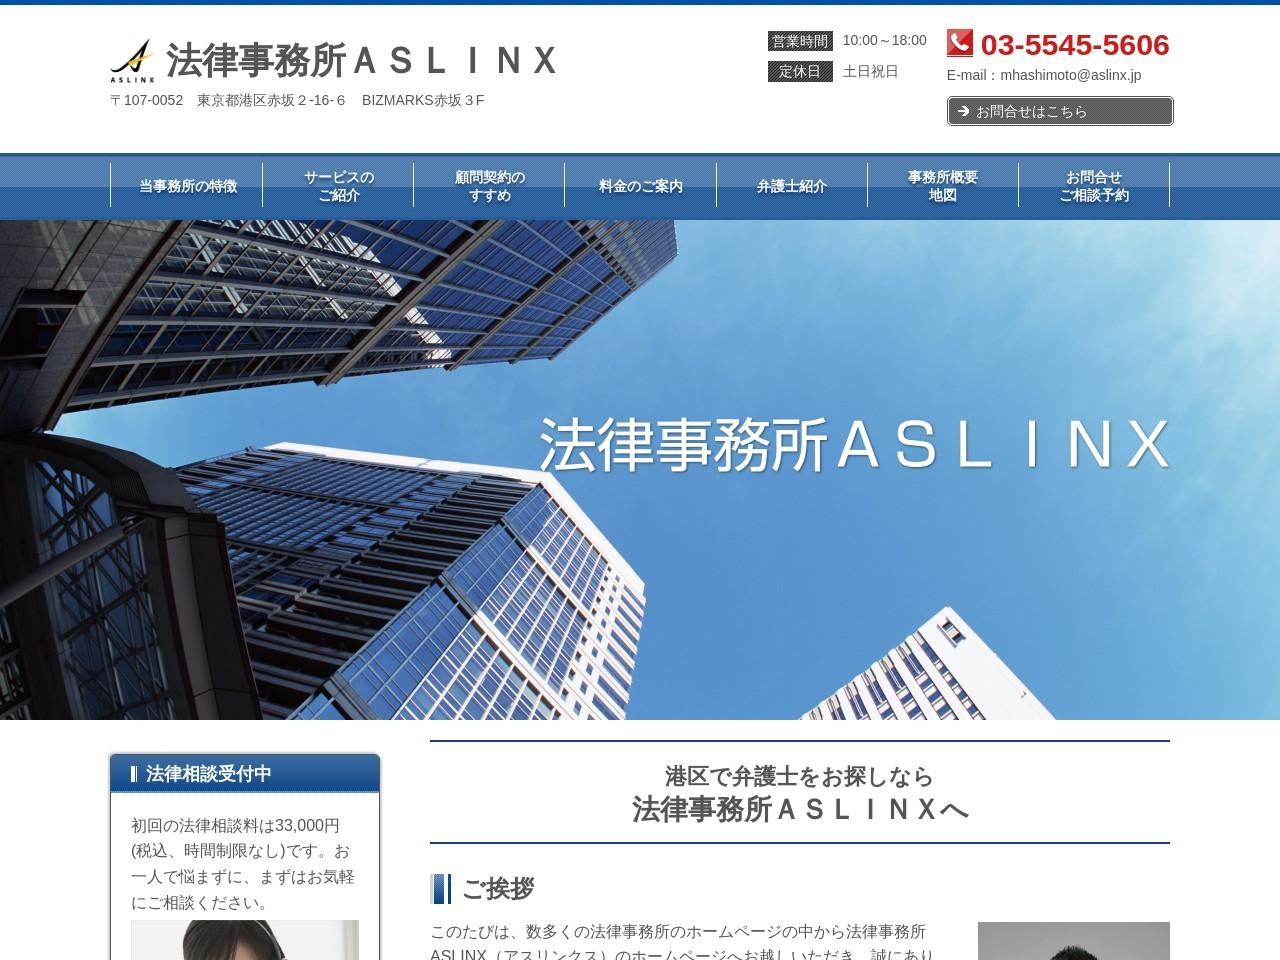 法律事務所ASLINX